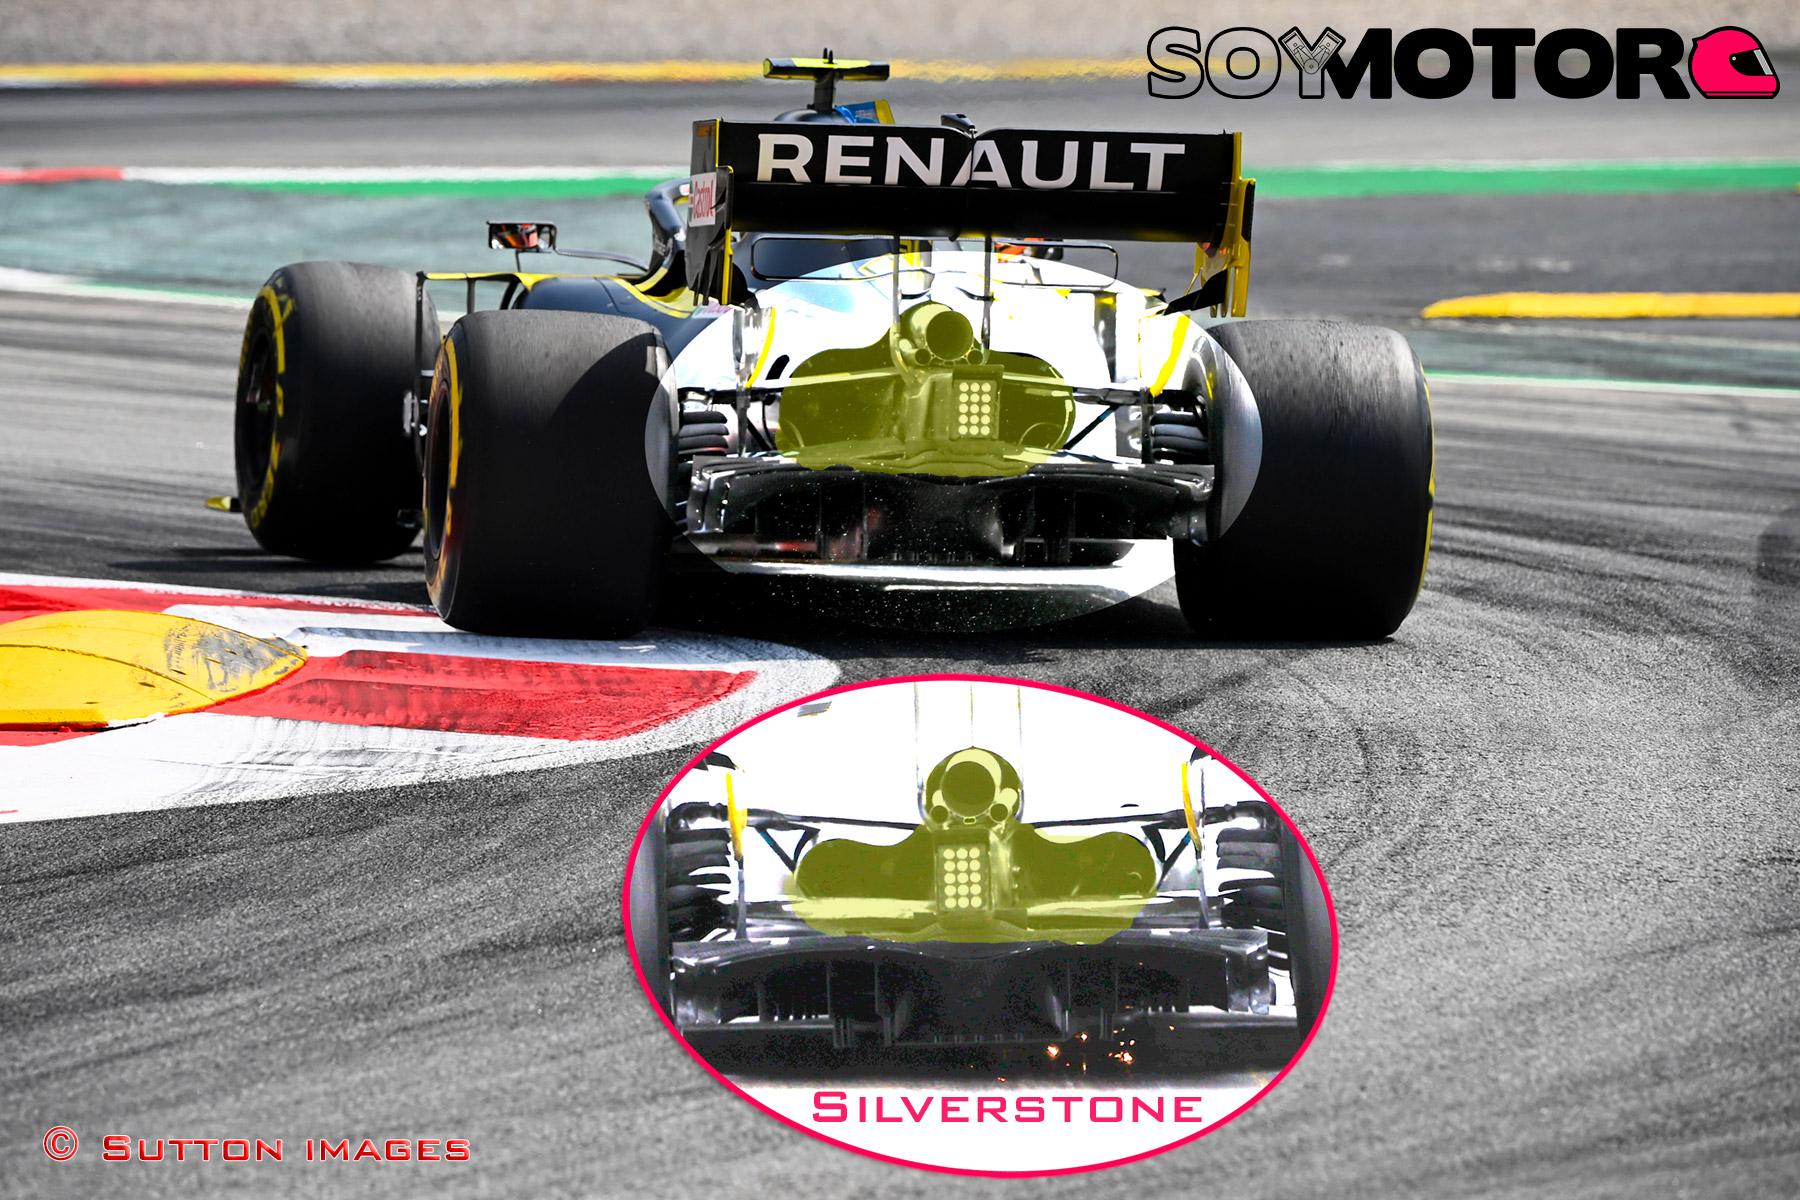 renault-salida-posterior-de-refrigeracion-soymotor.jpg